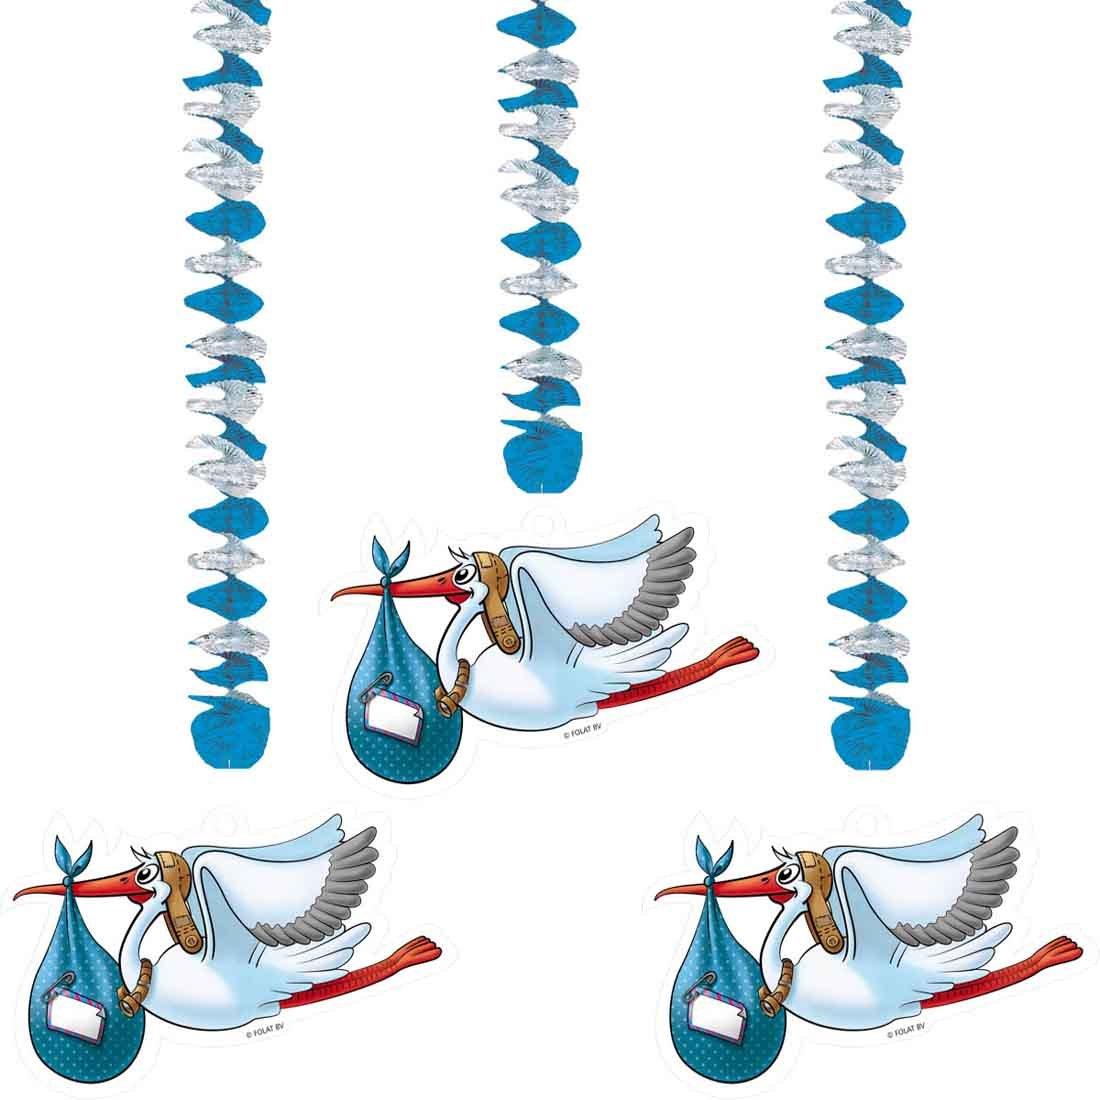 Amakando Deko Spiralen Storch - 3tlg - Klapperstorch Wirbel Neugeborene Babyparty Dekoration Deckenhä nger Pullerparty Hä ngedekoration Pinkelparty Hä ngedeko Geburt Junge